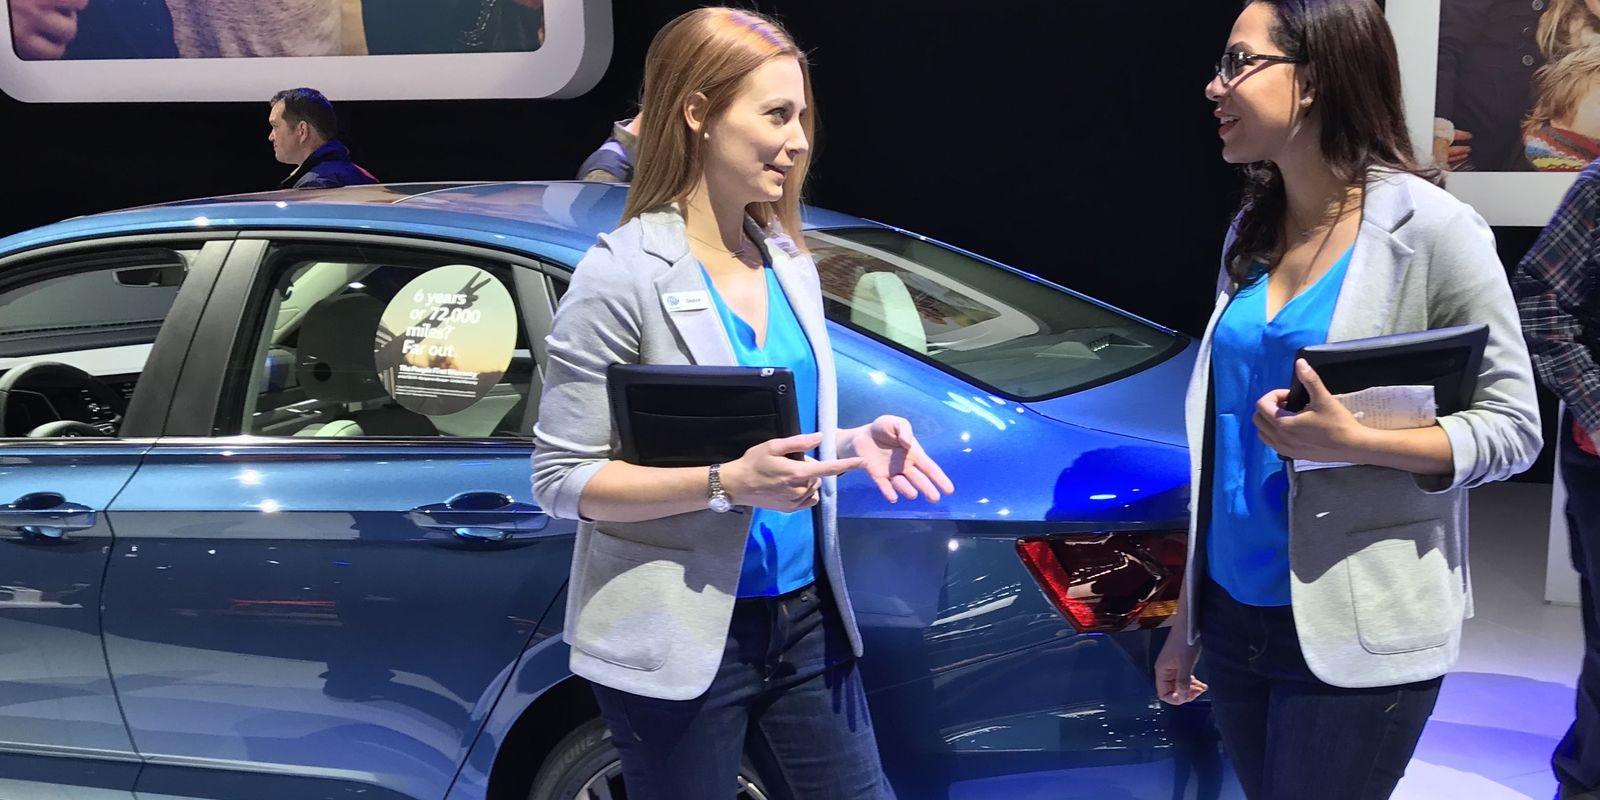 Araba Fuarlarındaki Modeller Niçin Hep Kadın?